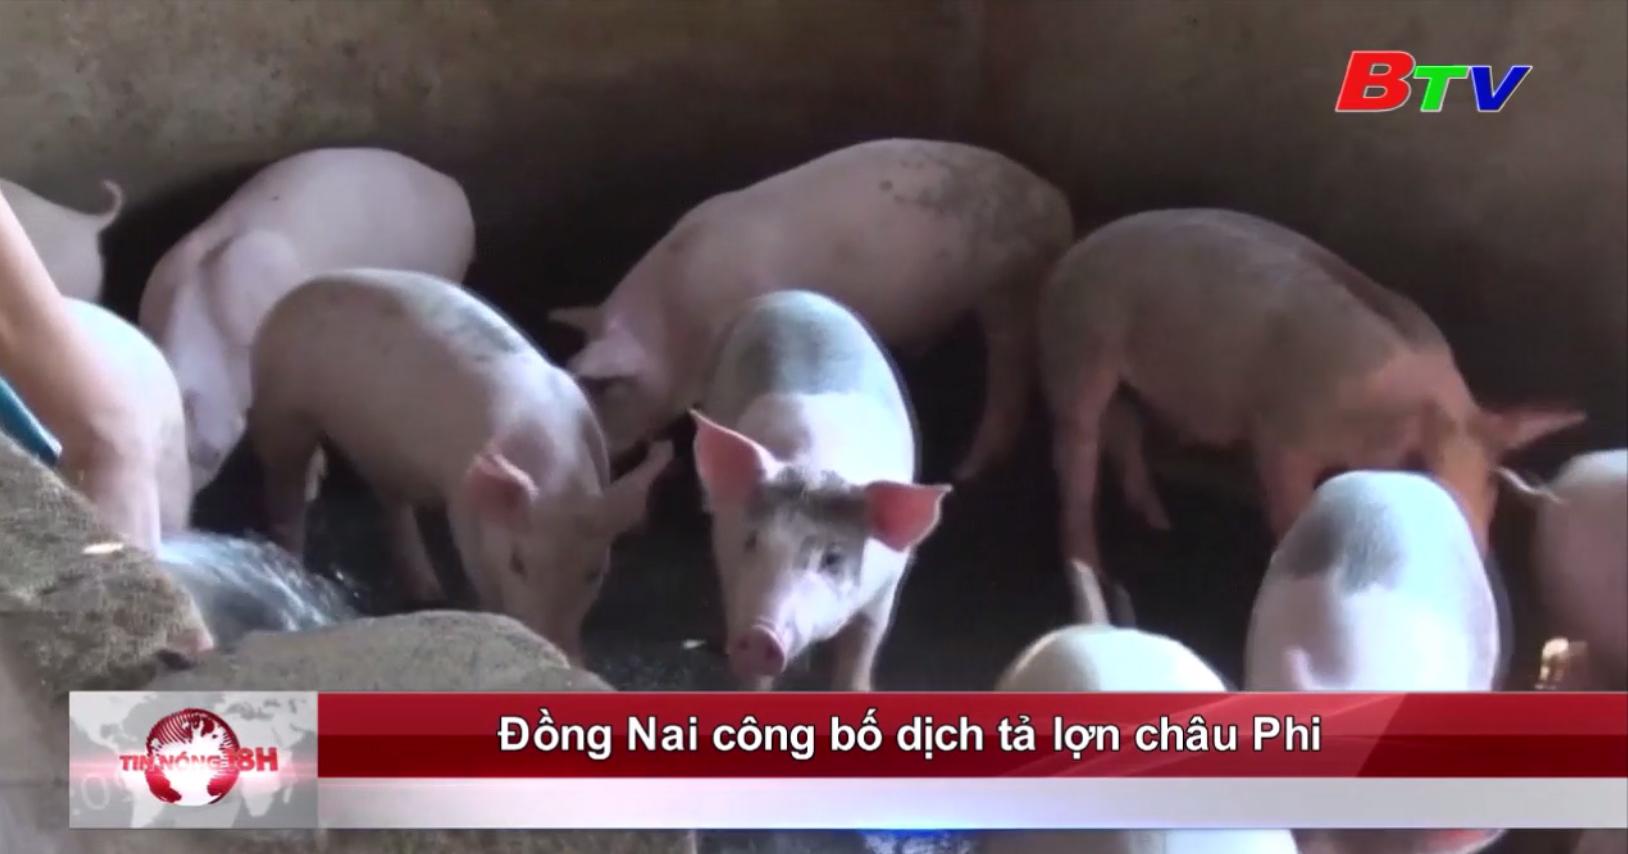 Đồng Nai công bố dịch tả lợn châu Phi